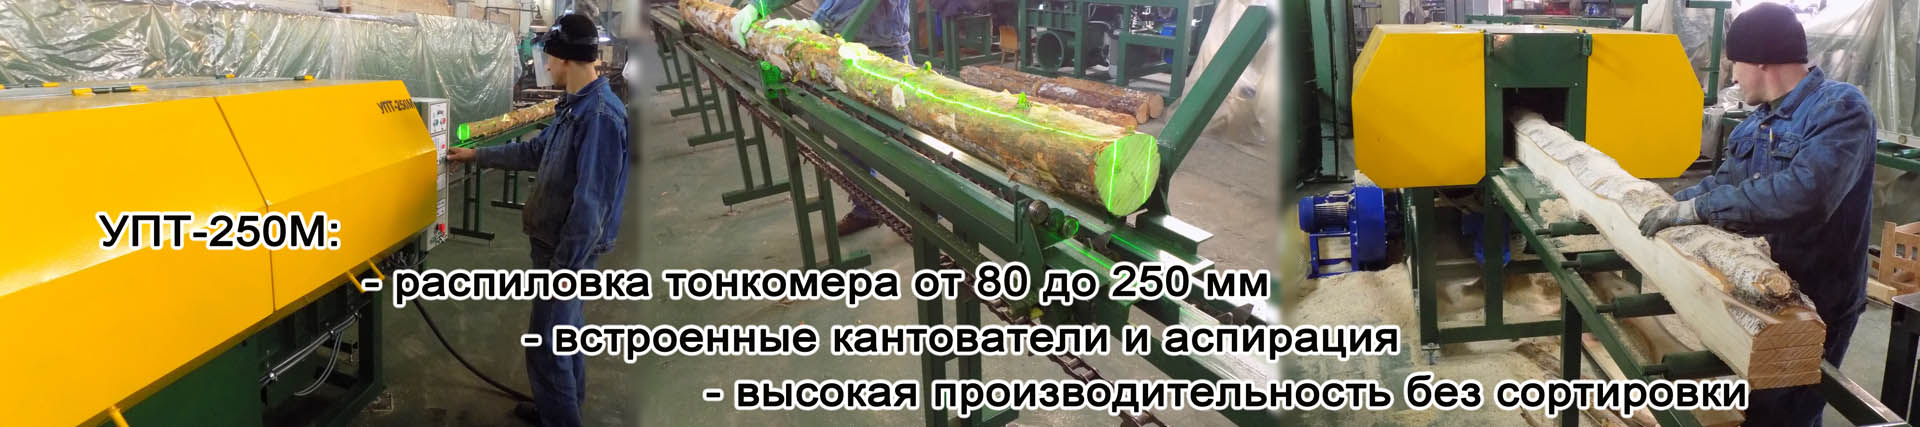 Производство и продажа деревообрабатывающего оборудования